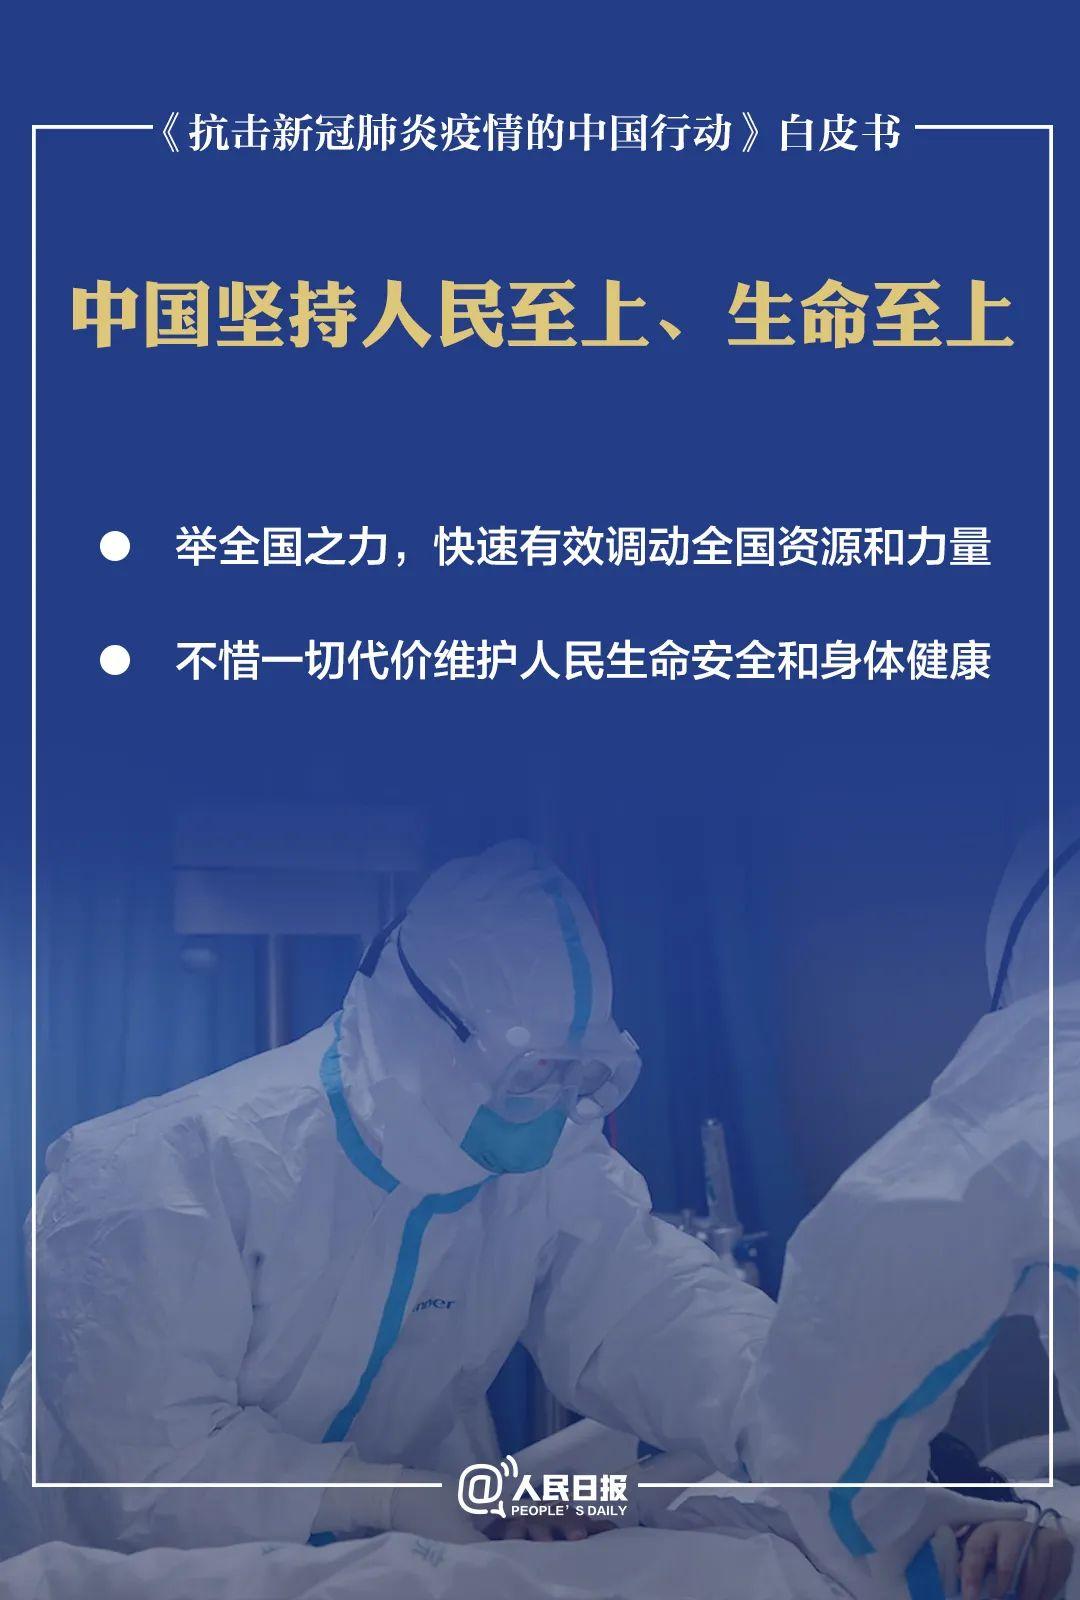 《抗击新冠肺炎疫情的中国行动》白皮书